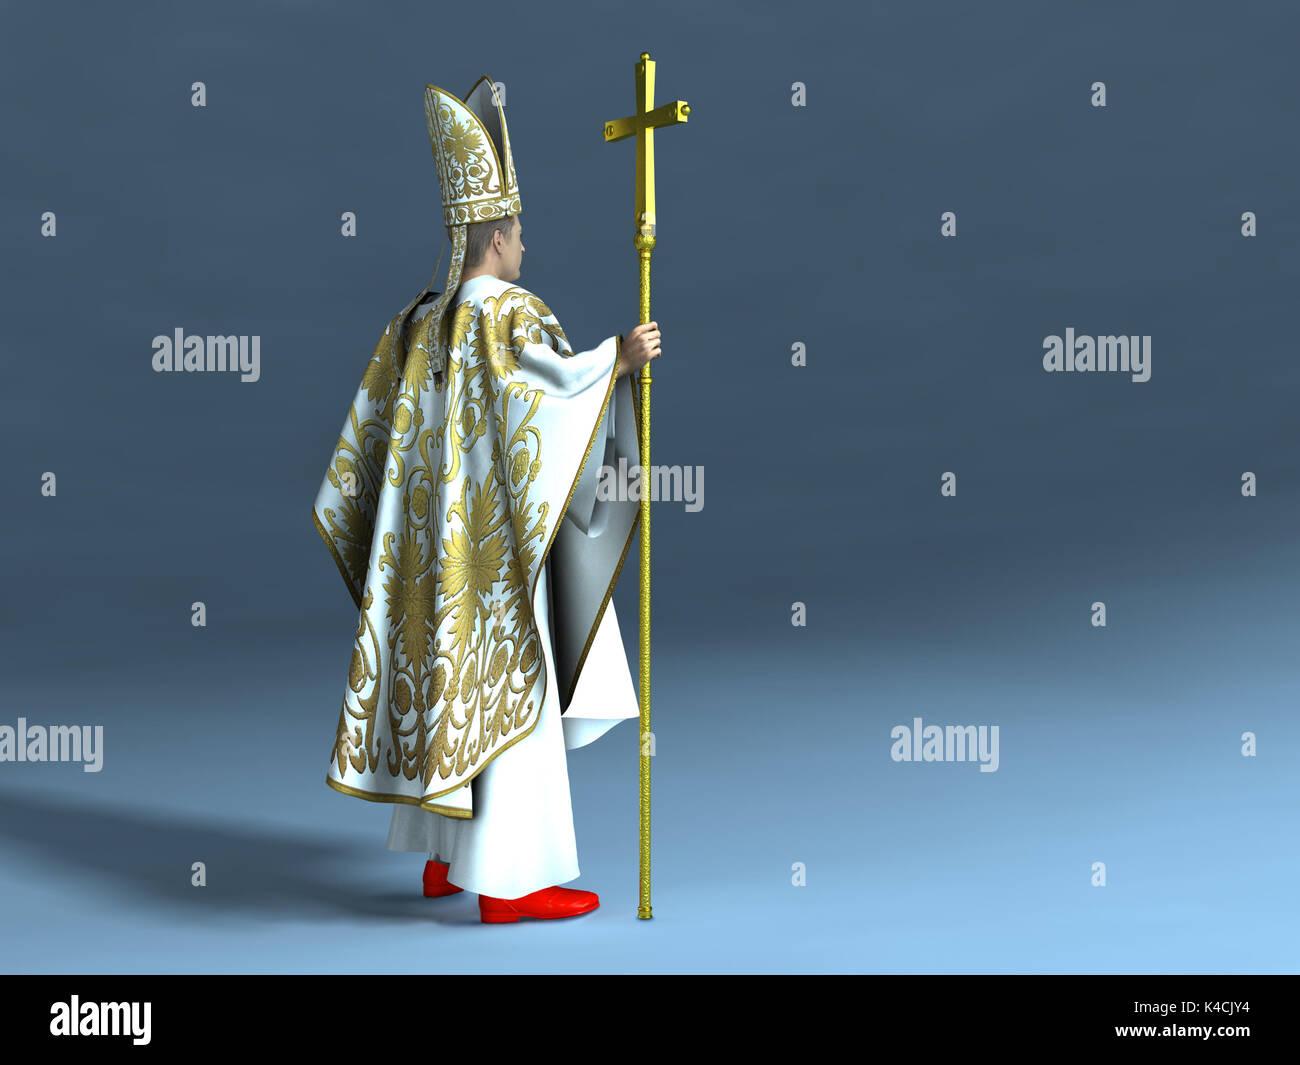 Catholic pope - Stock Image